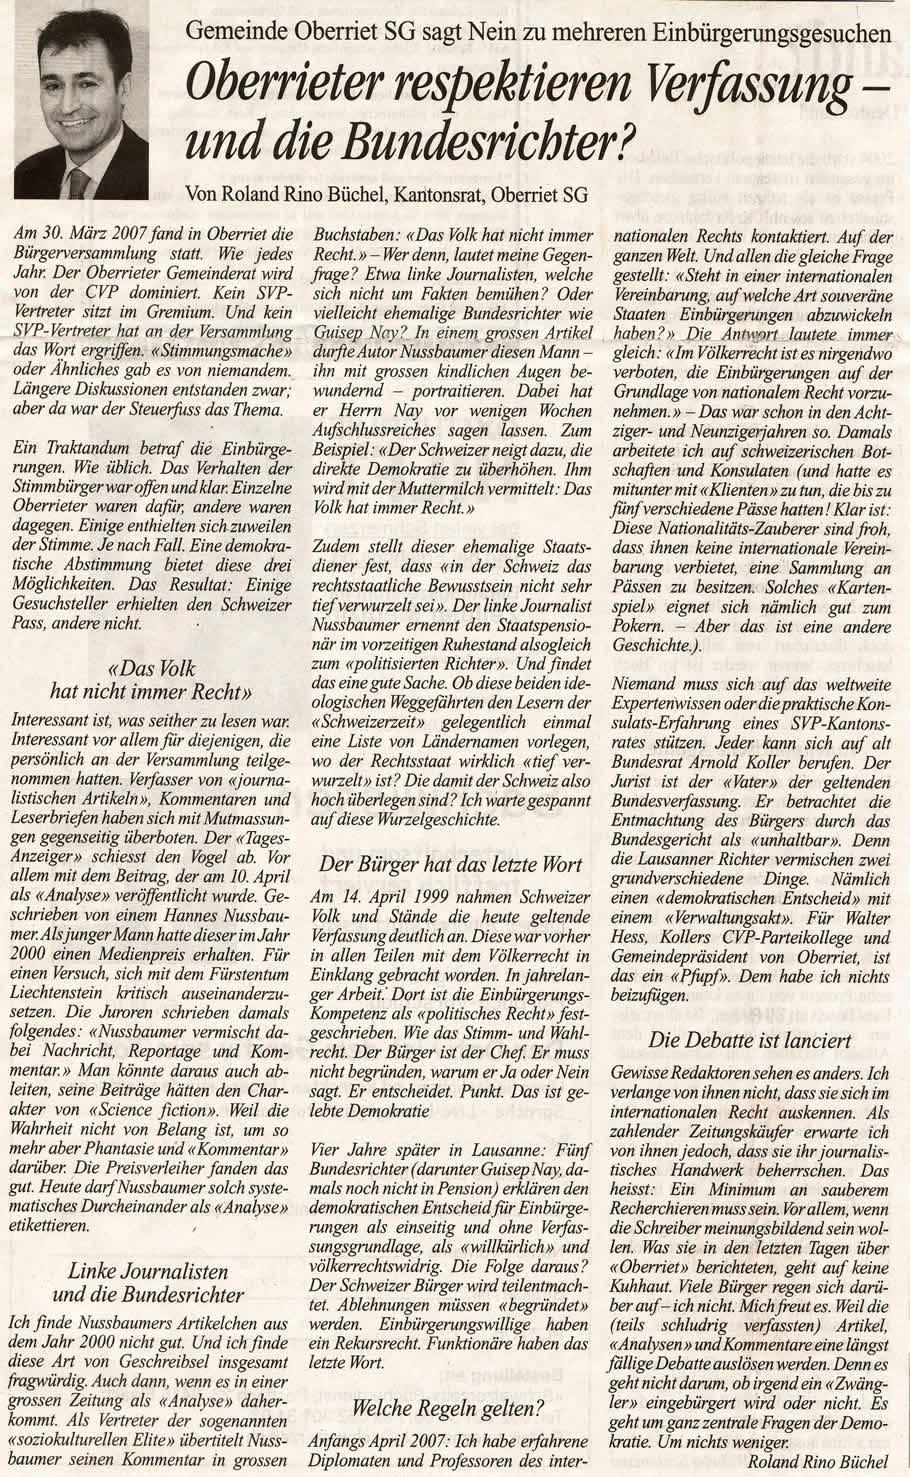 Oberrieter respektieren Verfassung - und die Bundesrichter?